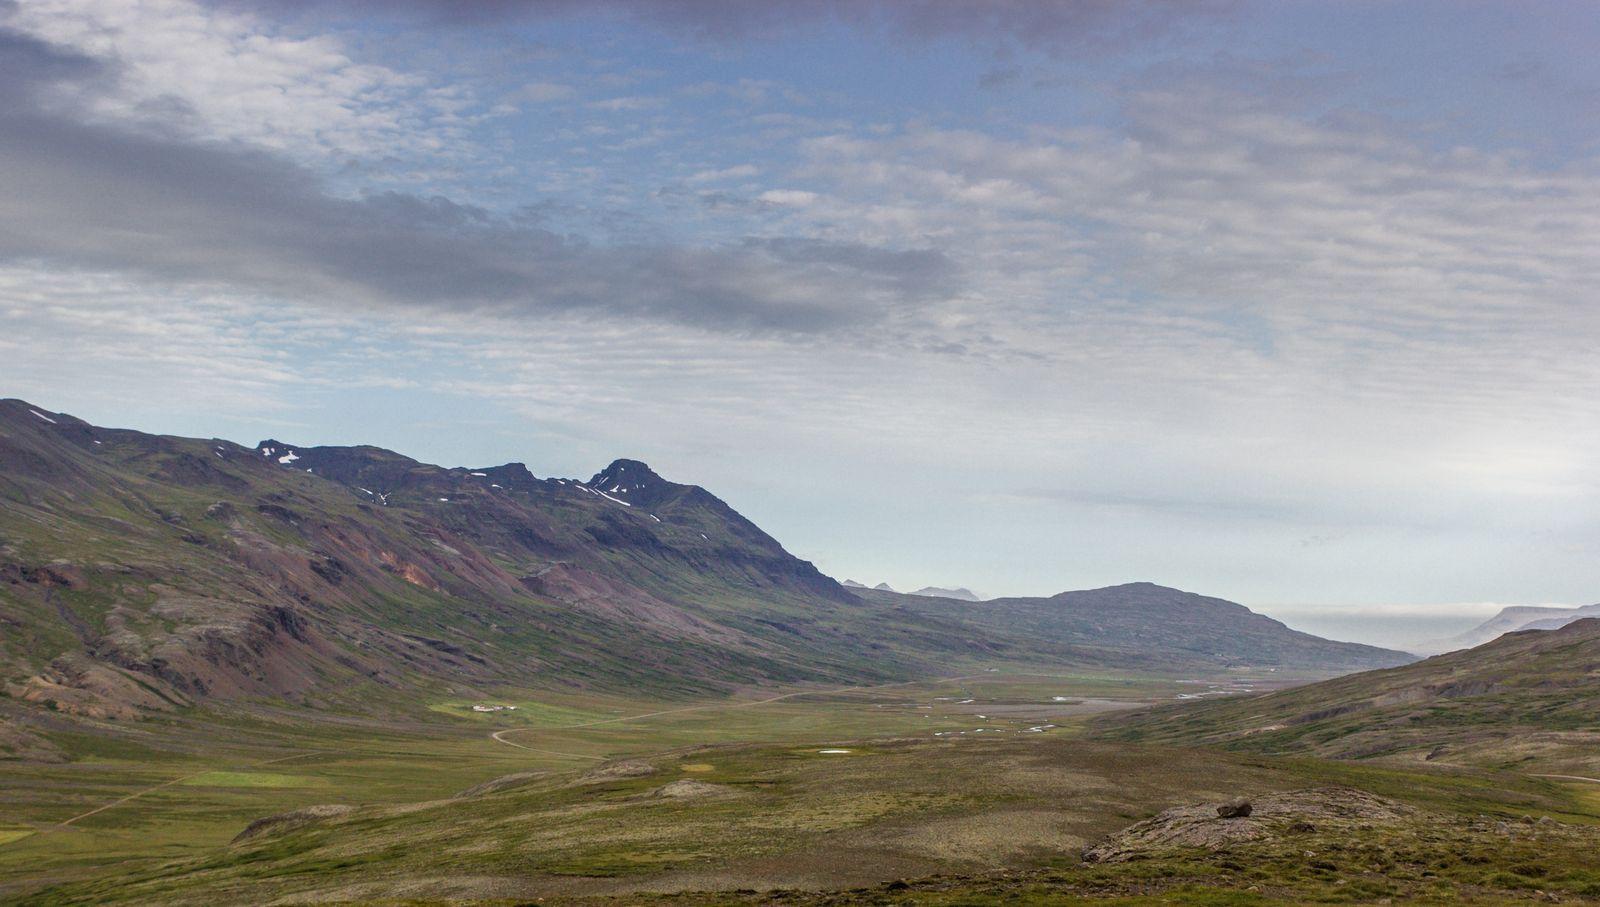 Atravesando fiordos y valles